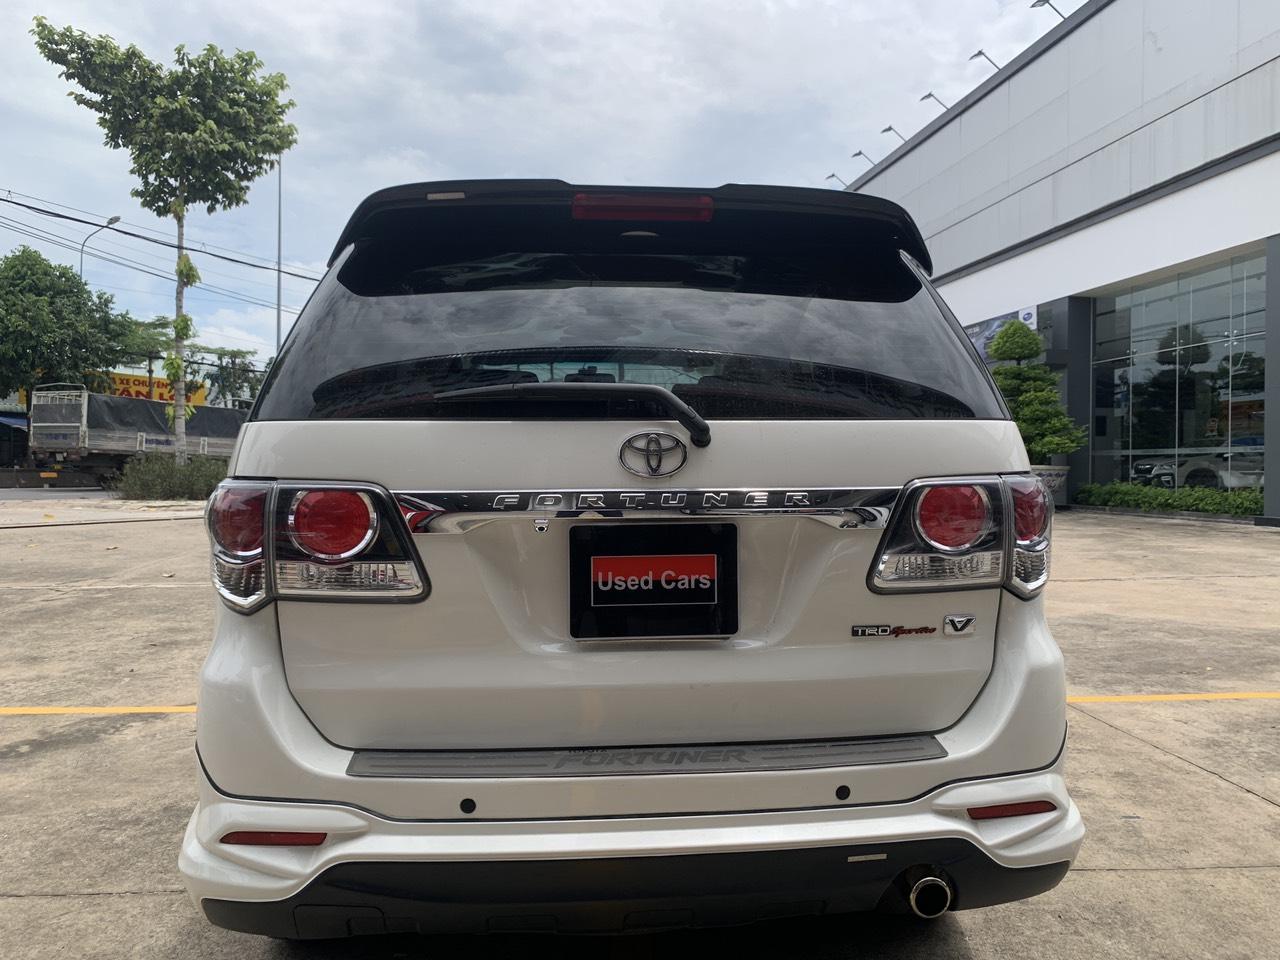 Bán xe Toyota Fortuner V TRD phiên bản thể thao năm 2016, màu trắng, giá còn fix đẹp